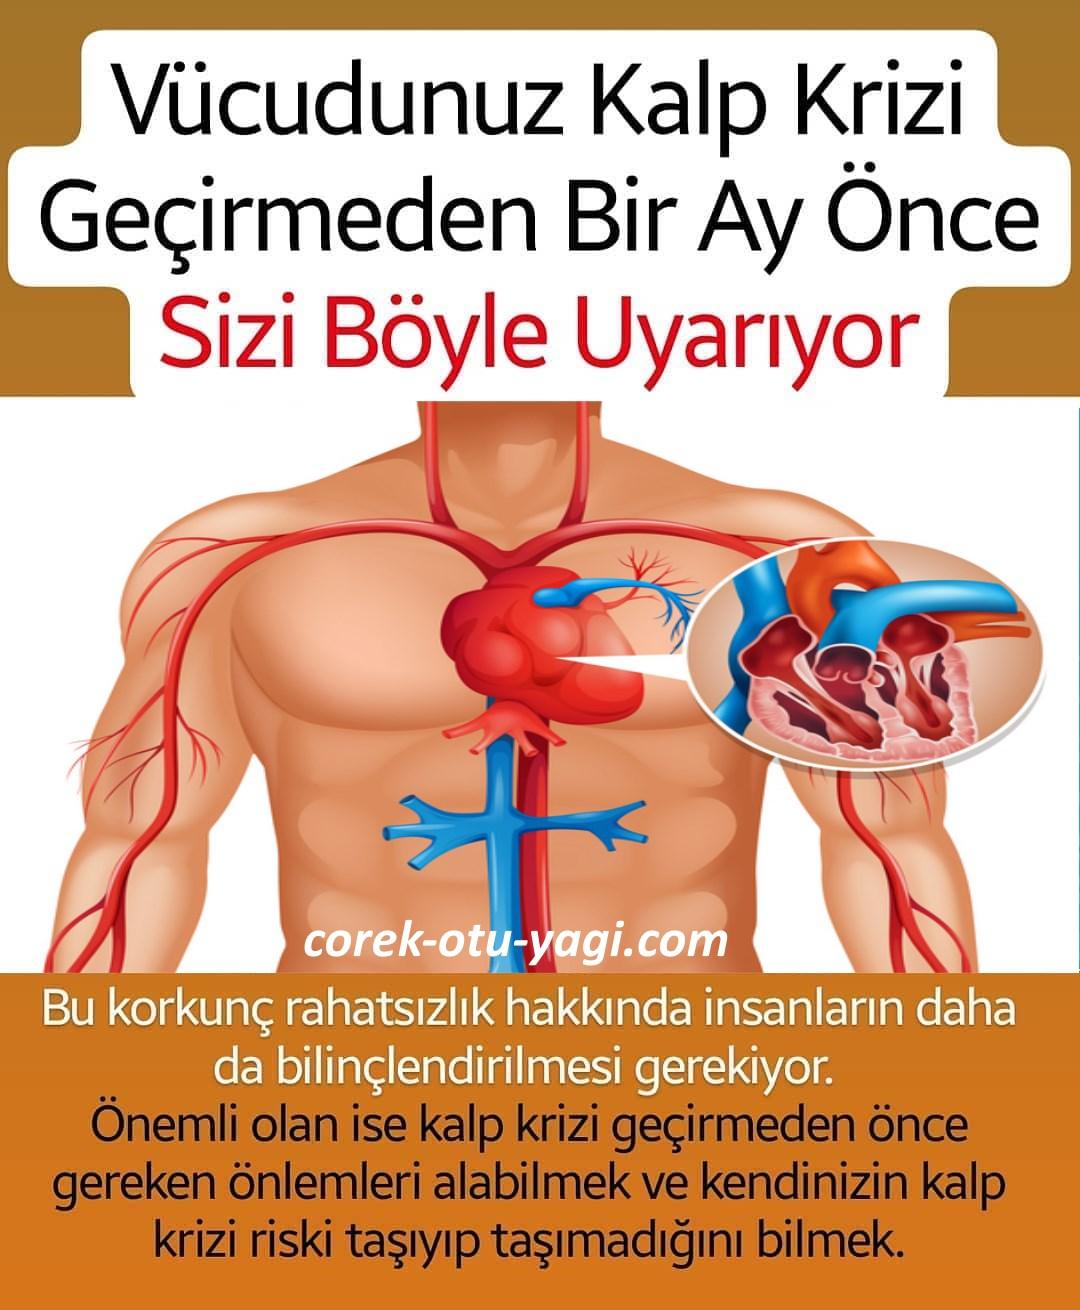 Vücudunuz kalp krizi gerçekleşmeden 1 ay önce sizi uyarıyor! | www.corek-otu-yagi.com